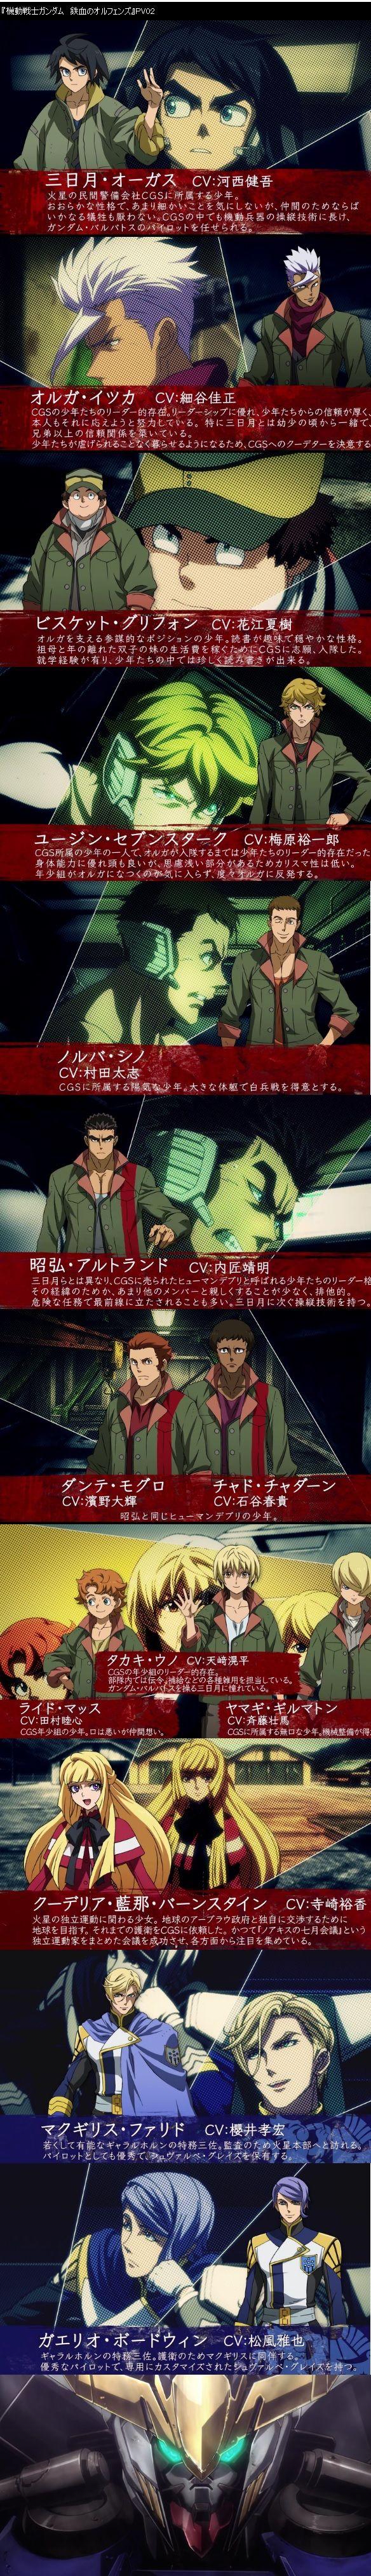 鉄血のオルフェンズ マンウィズアミッション 河西健吾に関連した画像-02